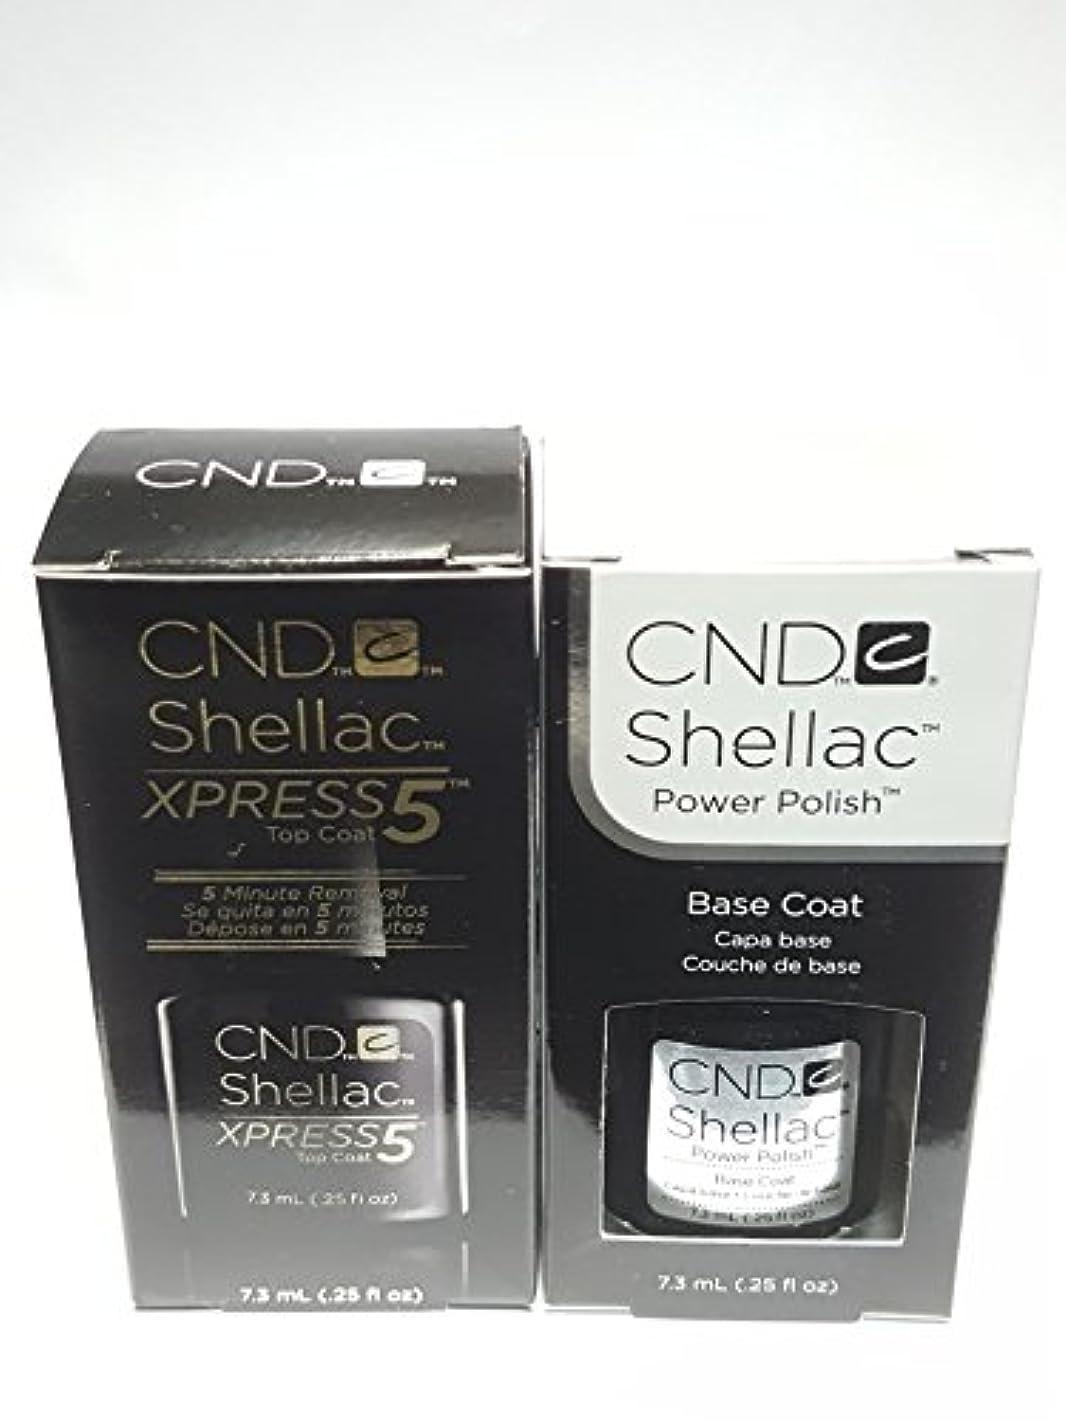 アスペクト酸度熟達したCND シェラック, 2本セット,パワーポリッシュ UV トップコート(New!!! XPRESS5)&ベースコート[海外直送品] [並行輸入品]